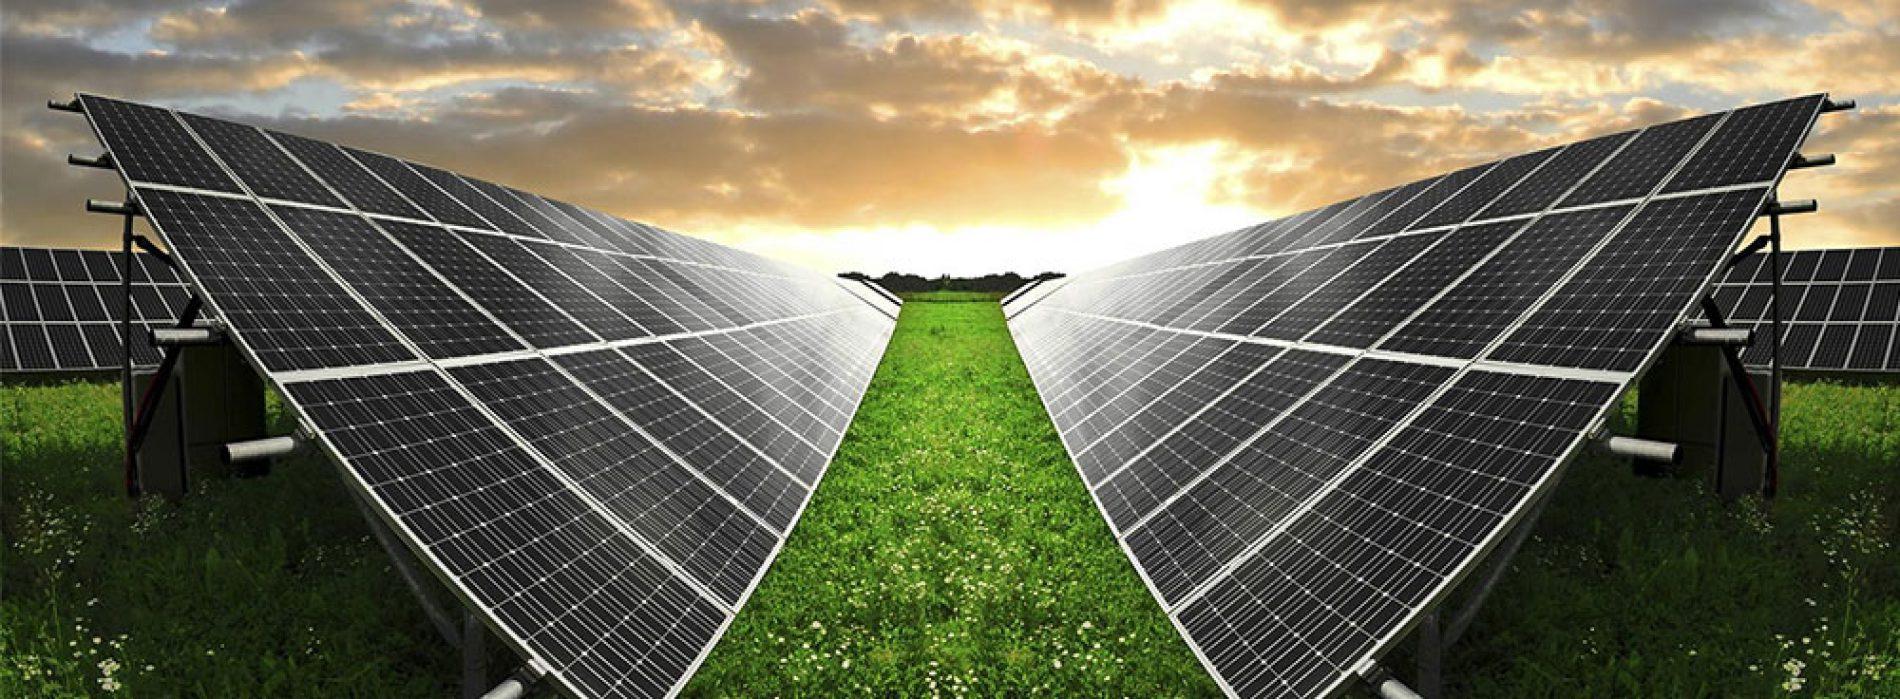 Emilia Romagna: la Giunta approva il nuovo piano energetico